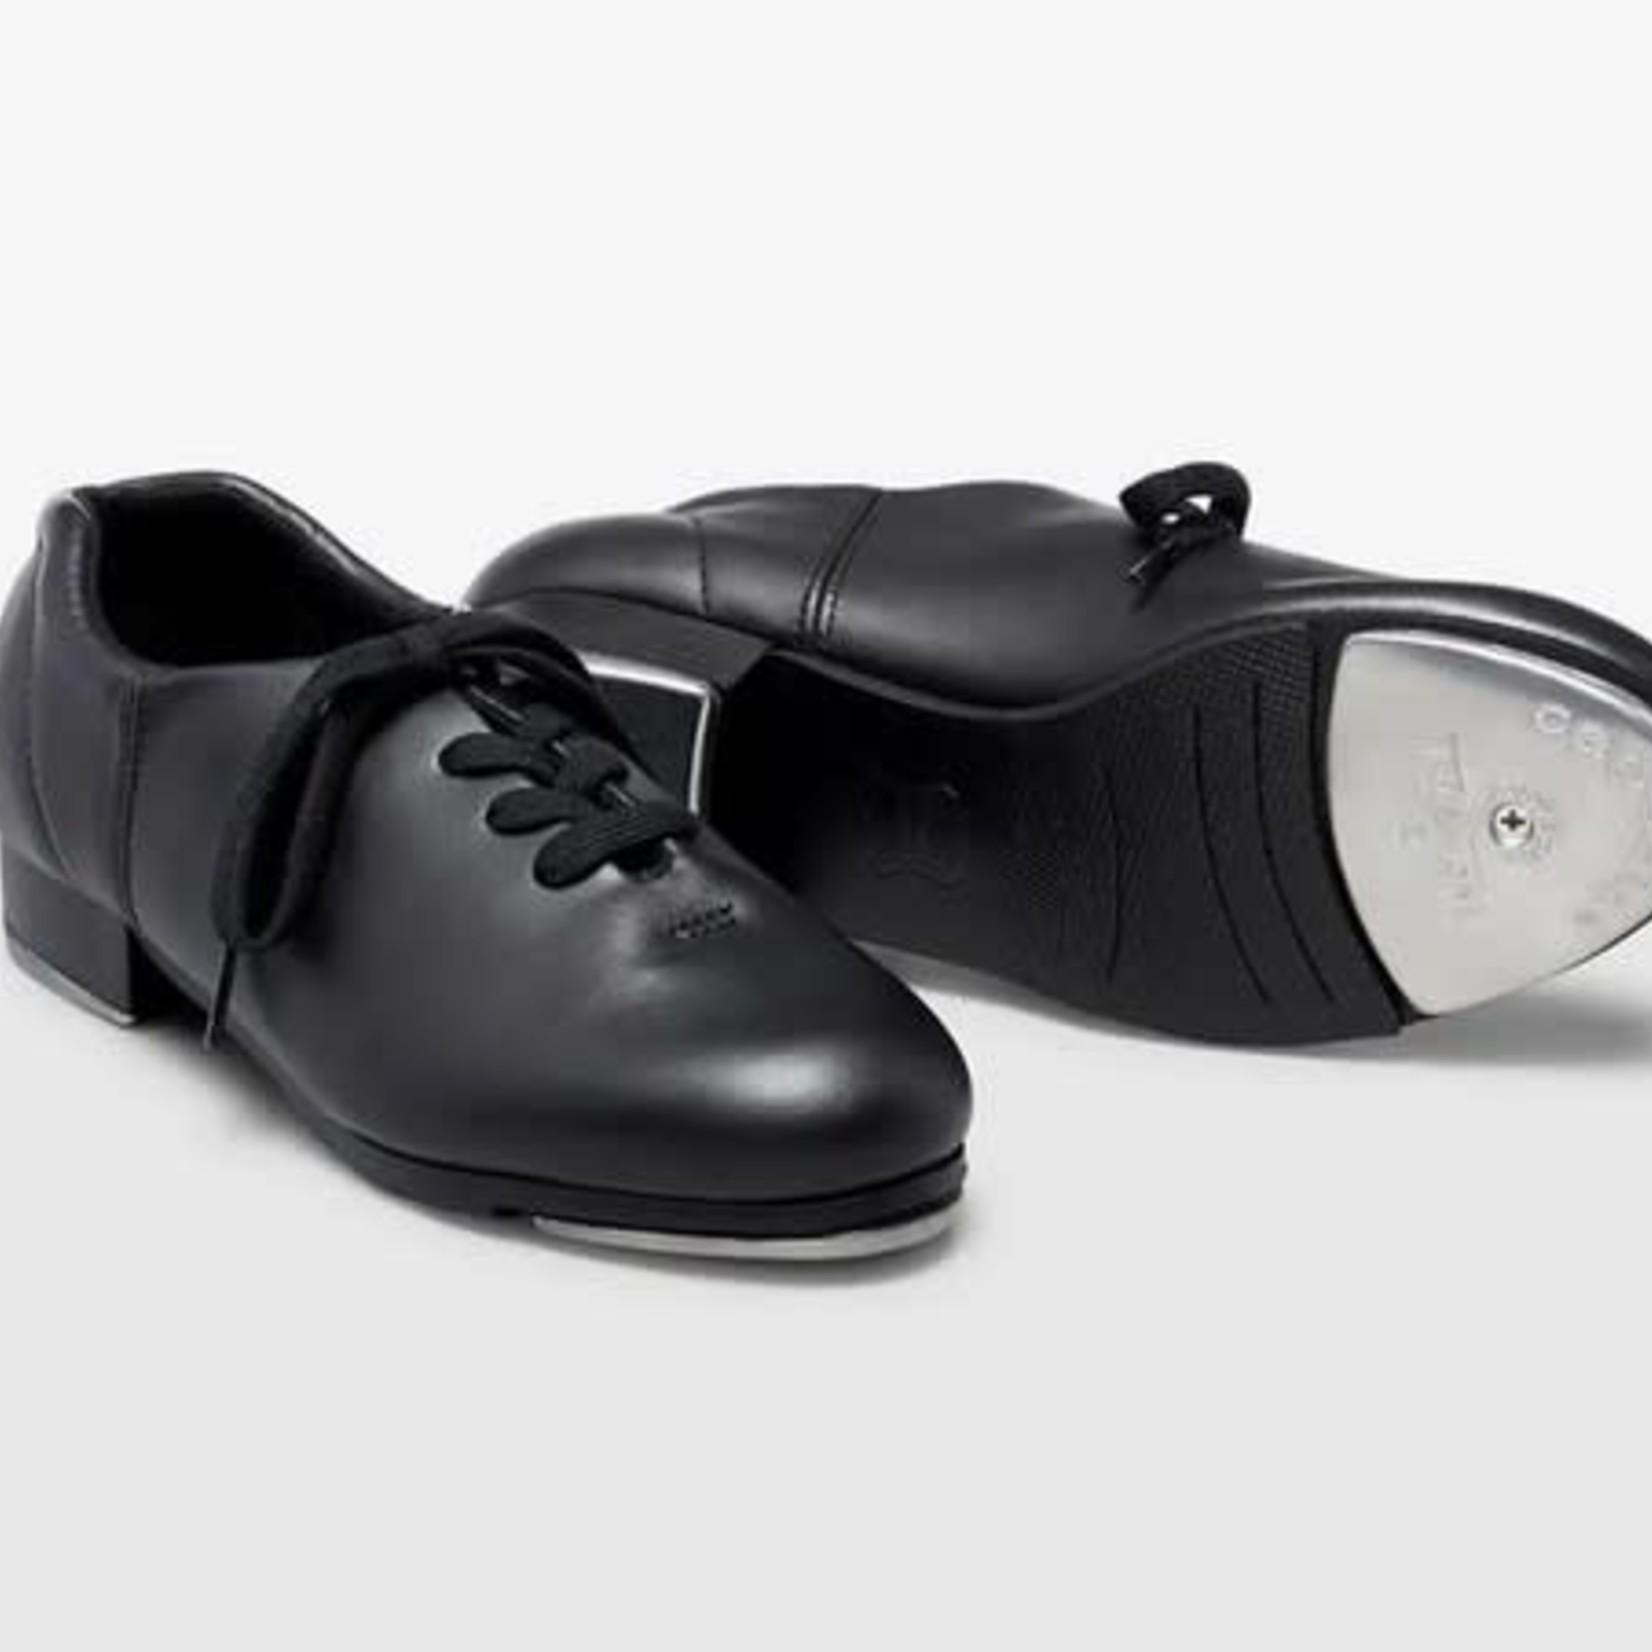 Capezio Capezio CG09 Premiere Tap Shoe